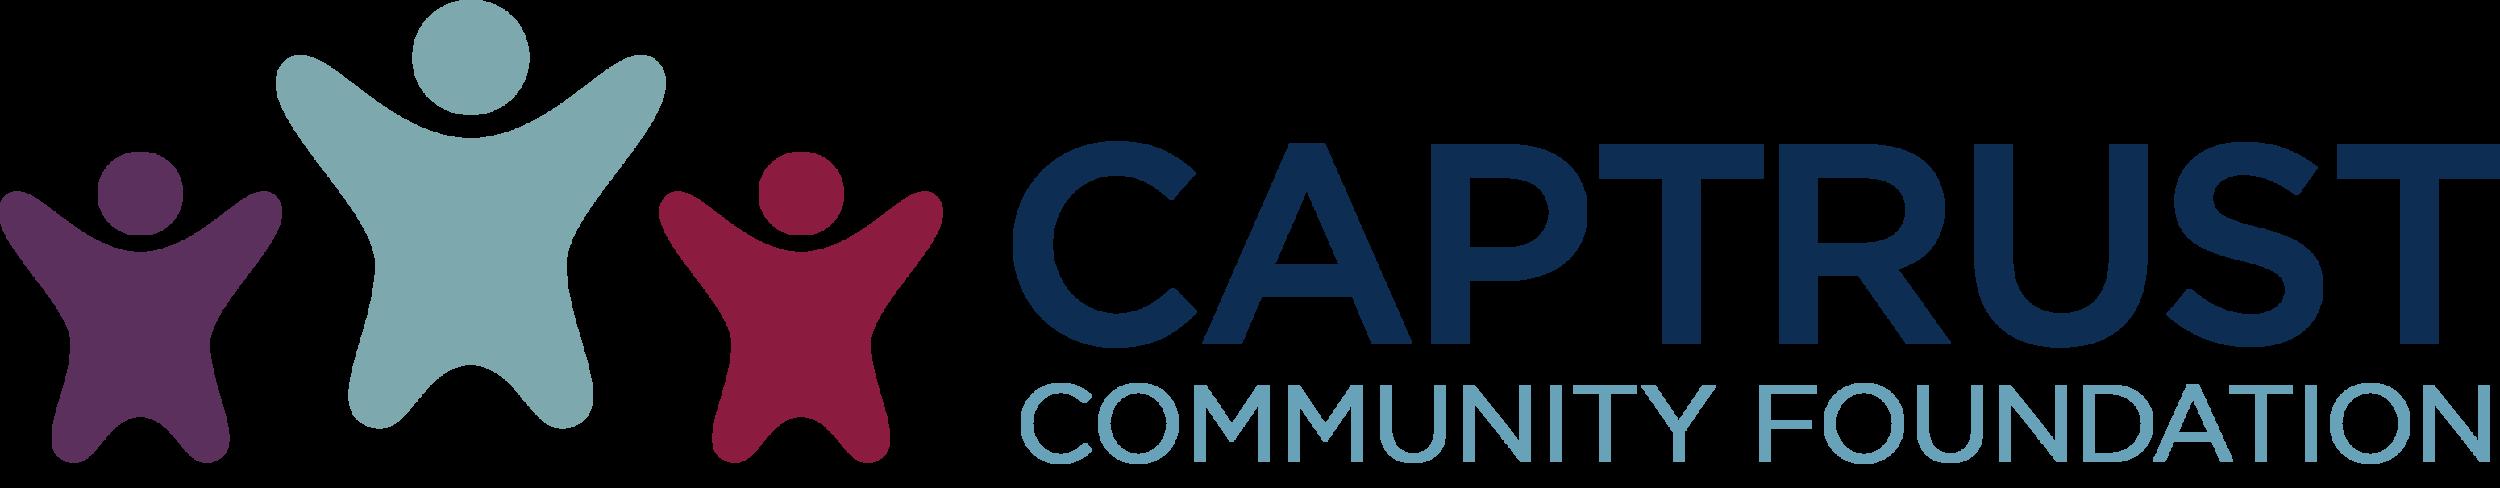 CAPTRUST Community Foundation Final Color Logo_HZ.png